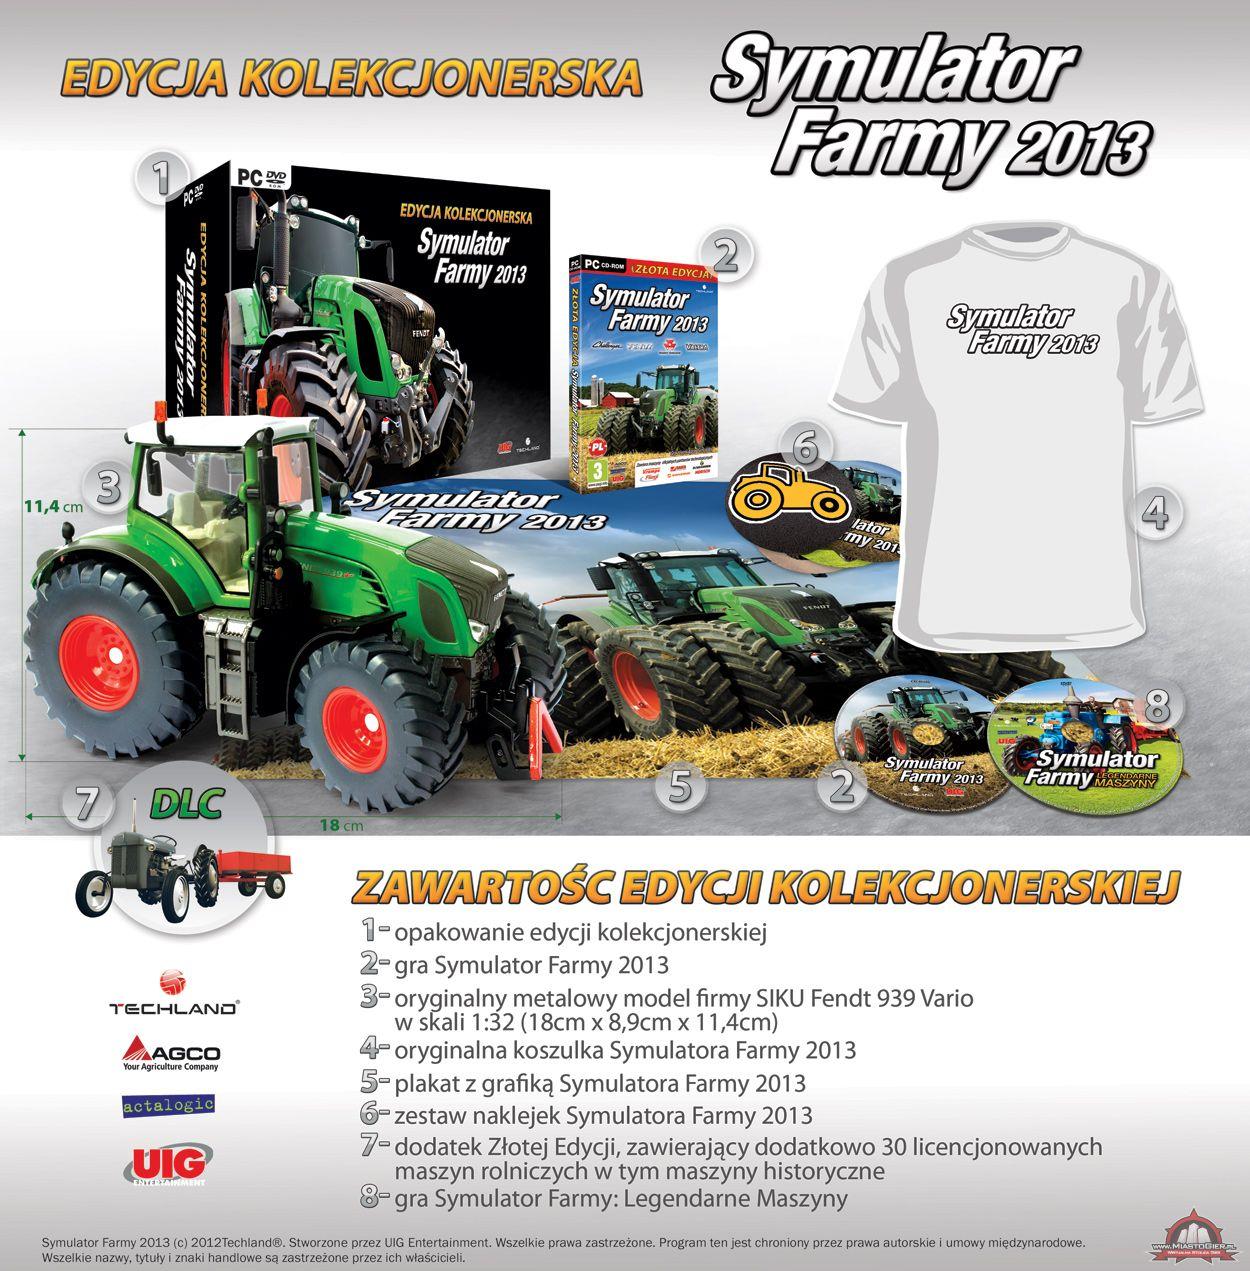 Symulator Farmy 2013 ma ciągnik w edycji kolekcjonerskiej